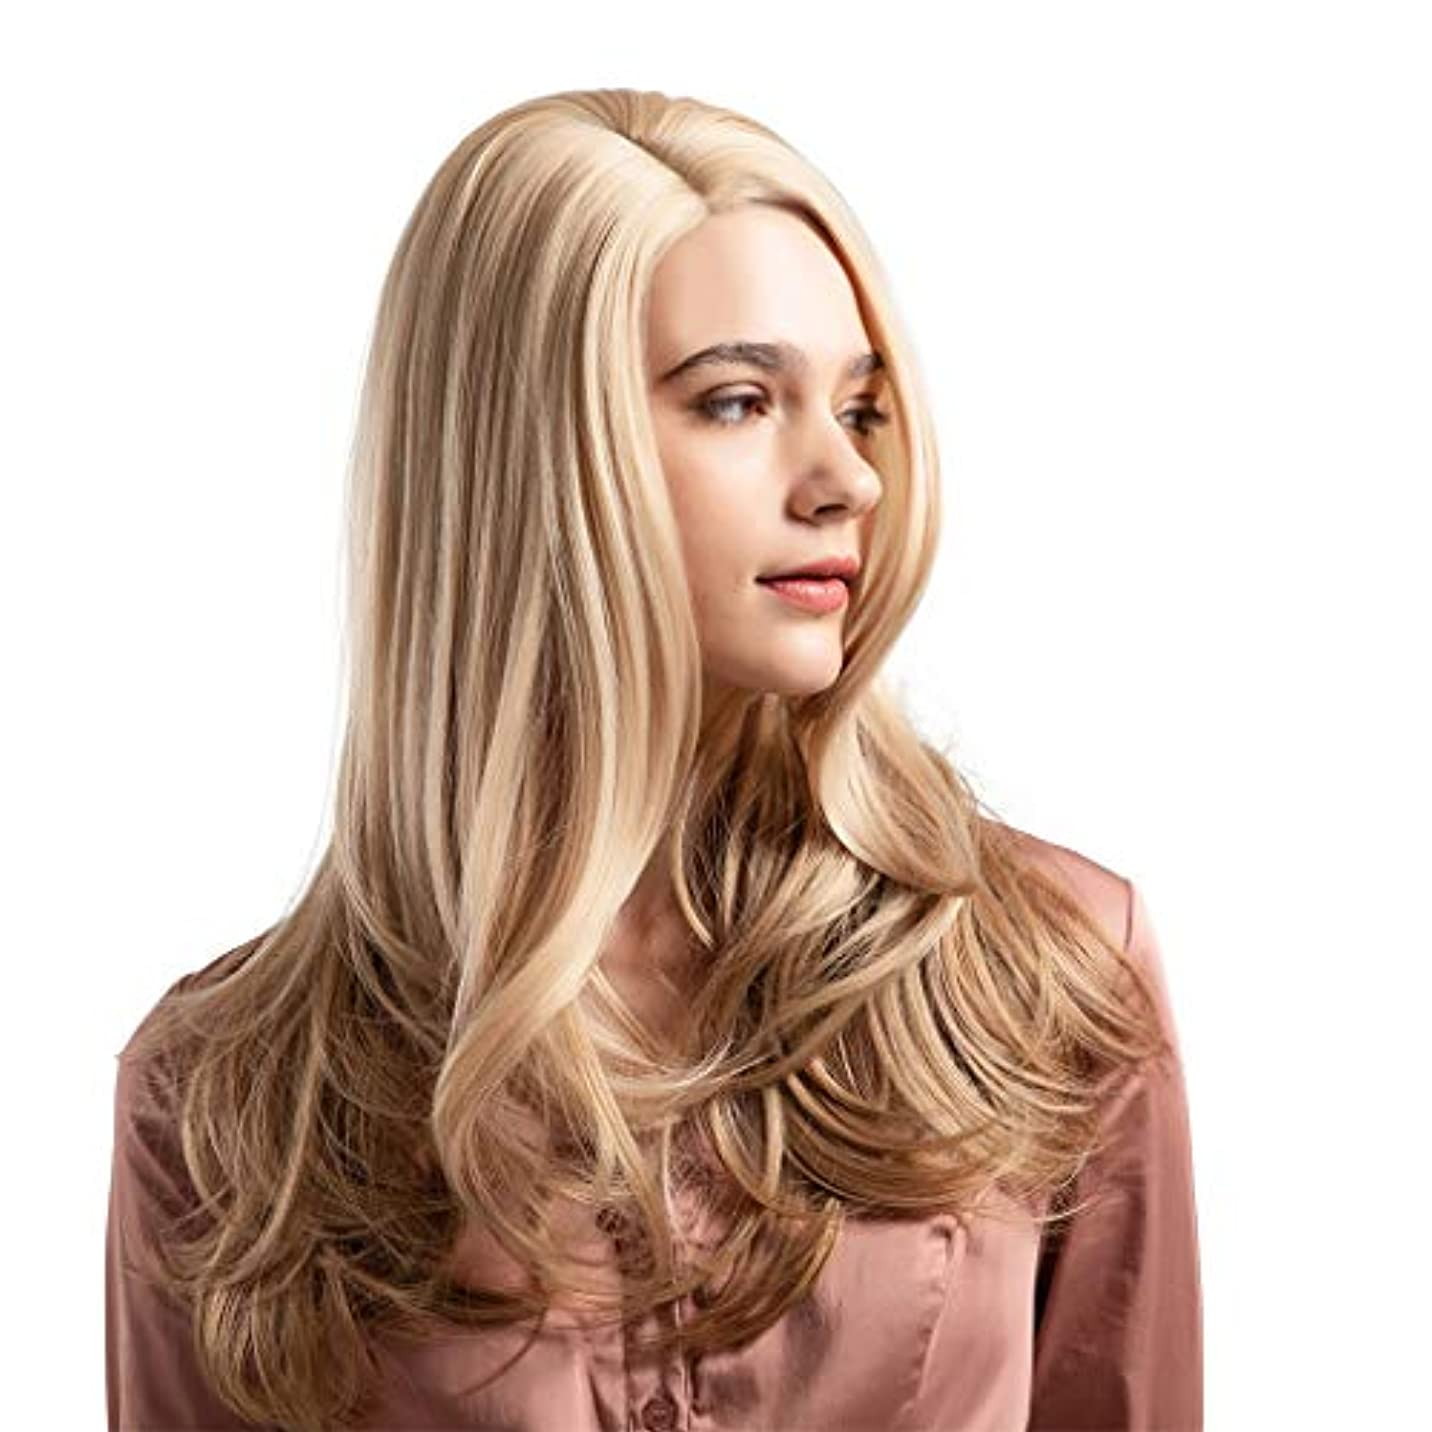 特徴あなたのものかすれたウィッグ女性黄金の大きな波状の巻き毛の高温シルクウィッグ22インチ